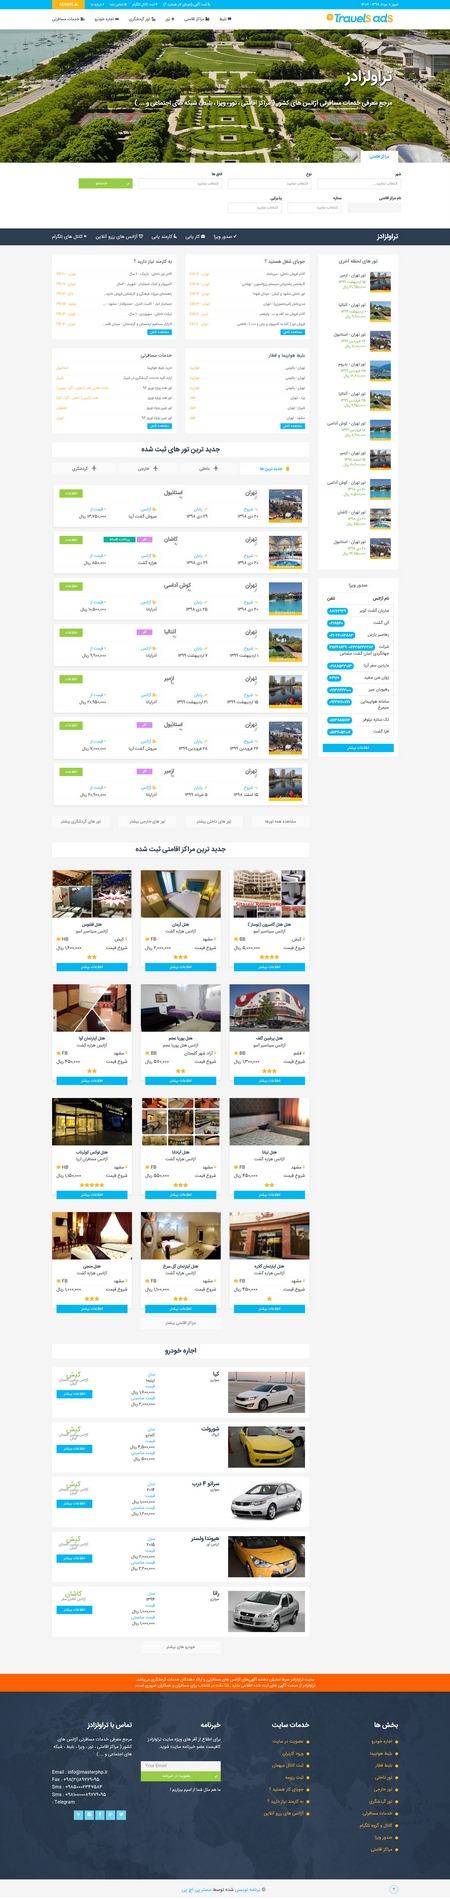 طراحی وب سایت تراولزادز